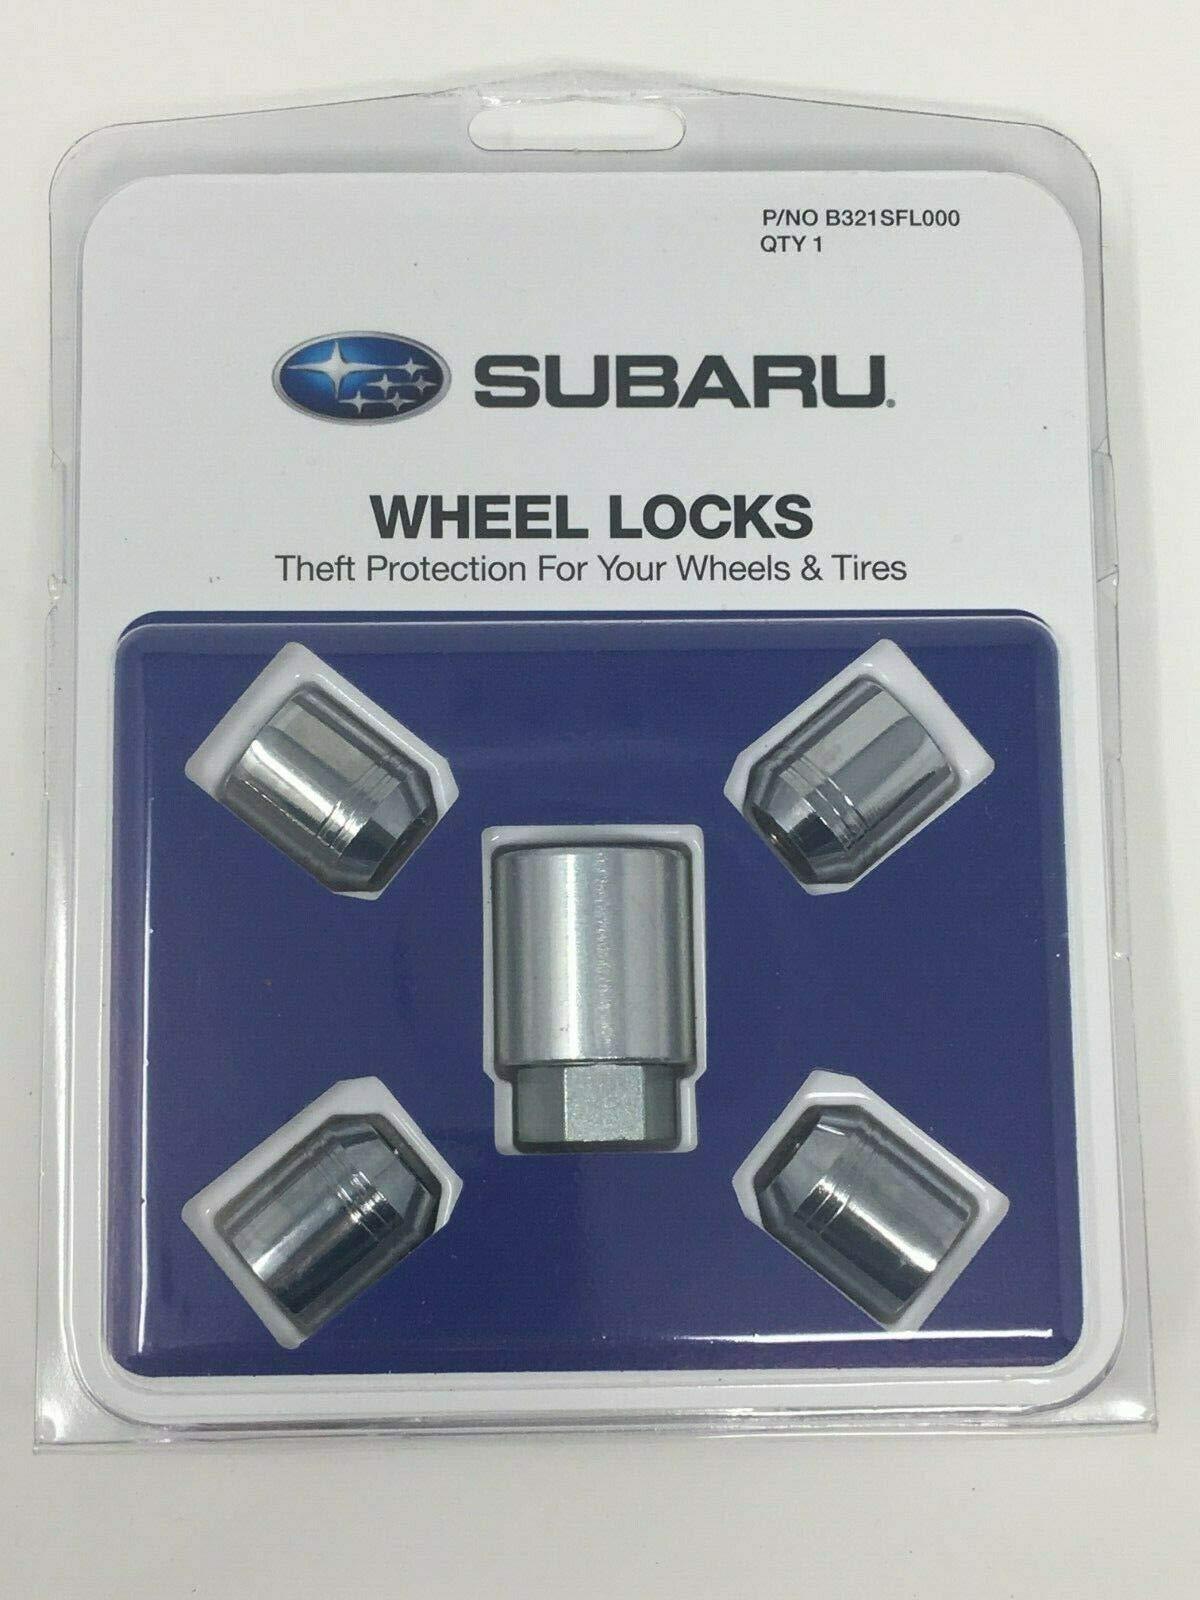 SUBARU 2009-2020 Alloy Wheel Lock Lug Nuts Set OEM B321SFL000 Genuine All Models Ascent WRX STI Forester Outback CROSSTREK by SUBARU